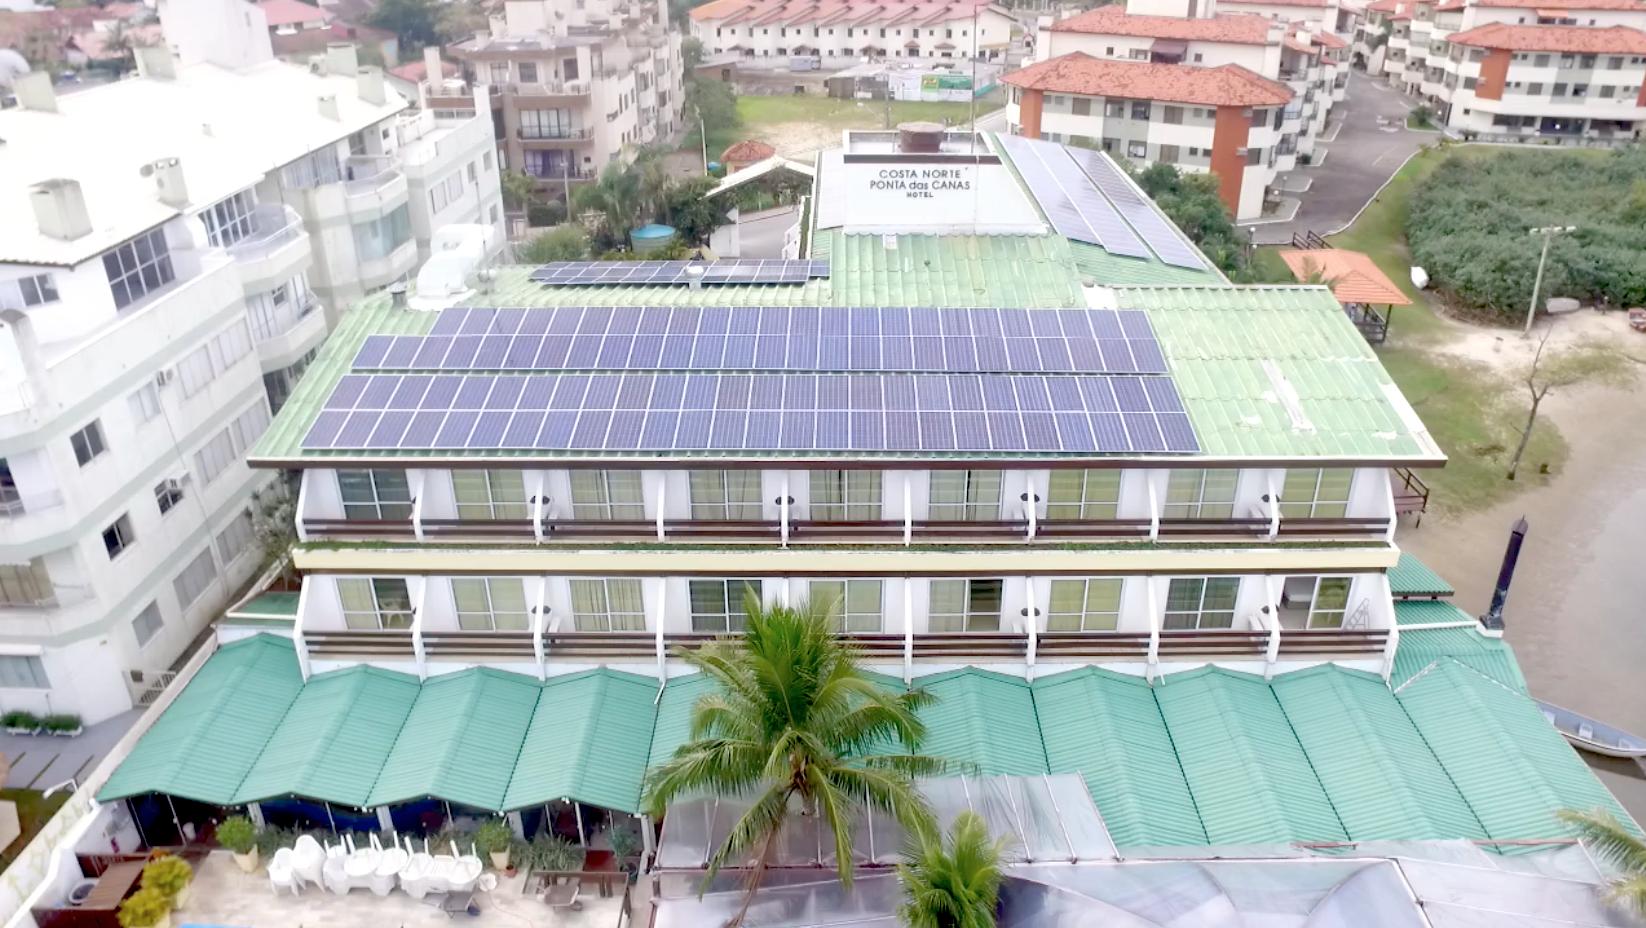 hotel-costa-norte-projeto-solar3